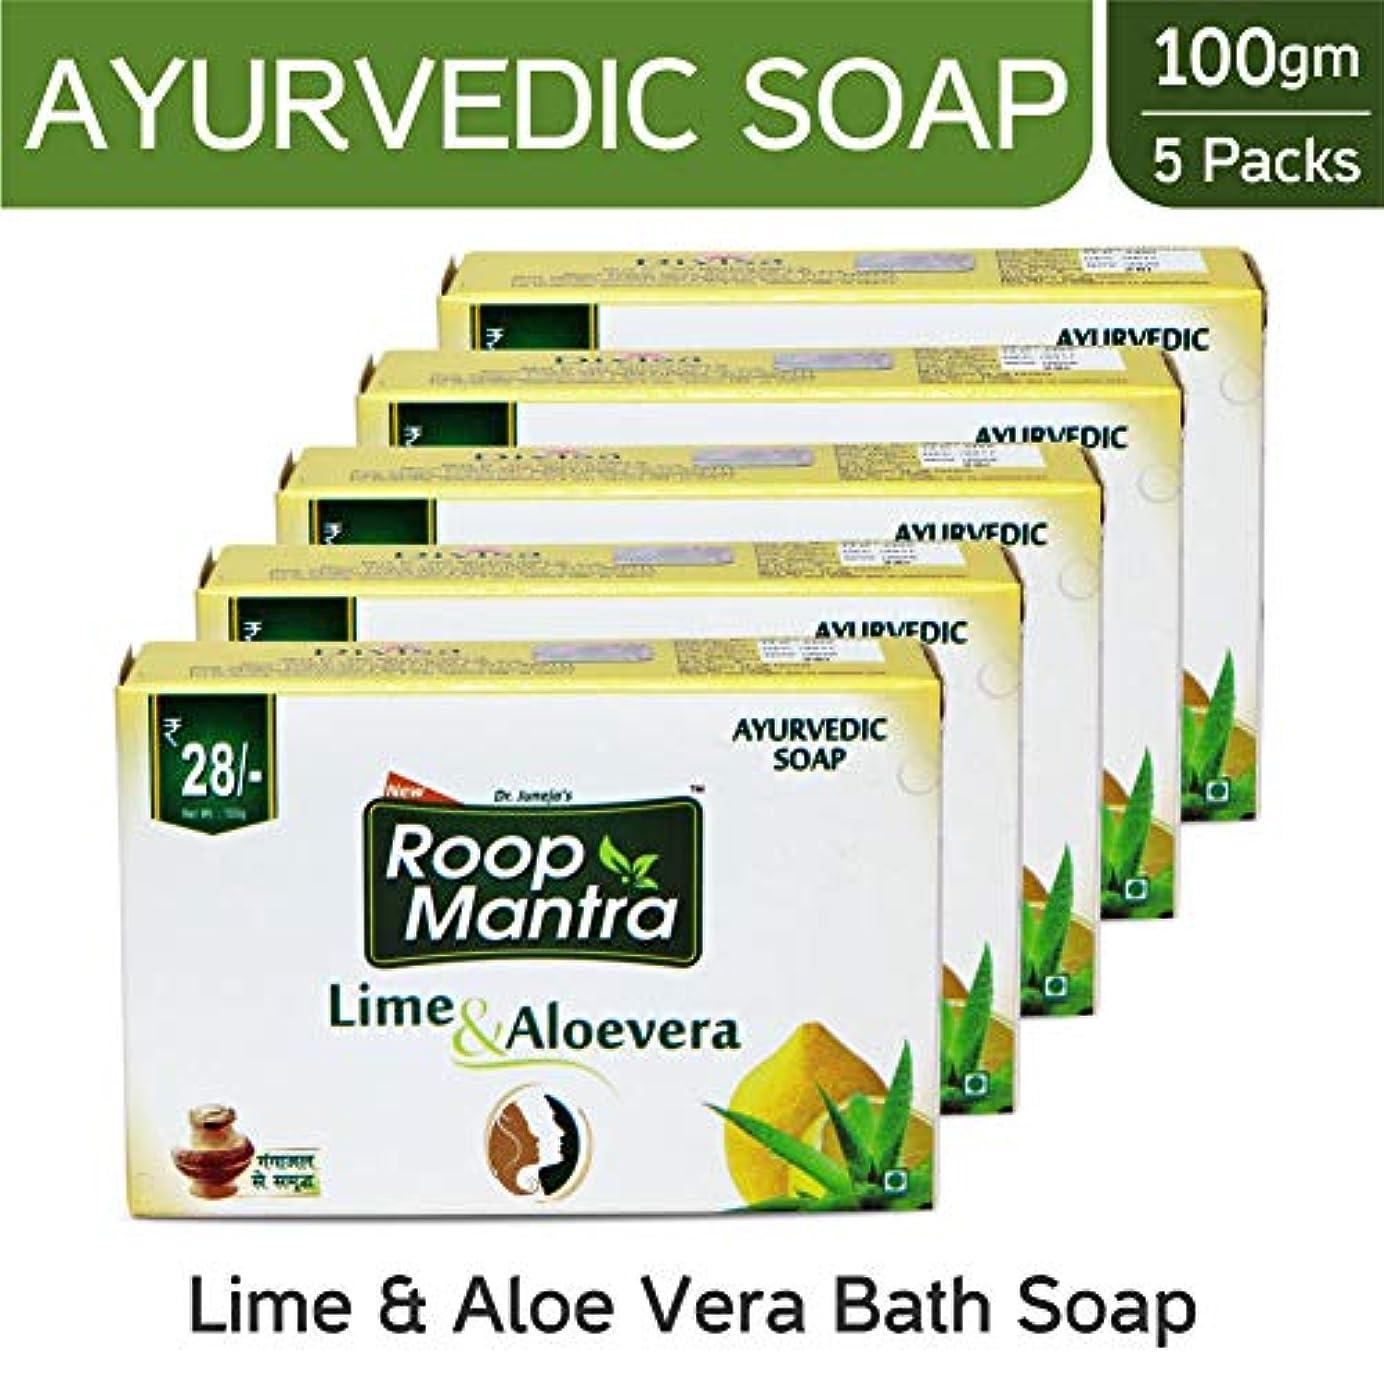 ペグリダクターリマークRoop Mantra Ayurvedic Bath Soap, Lime and Aloevera, 100g (Pack of 5)